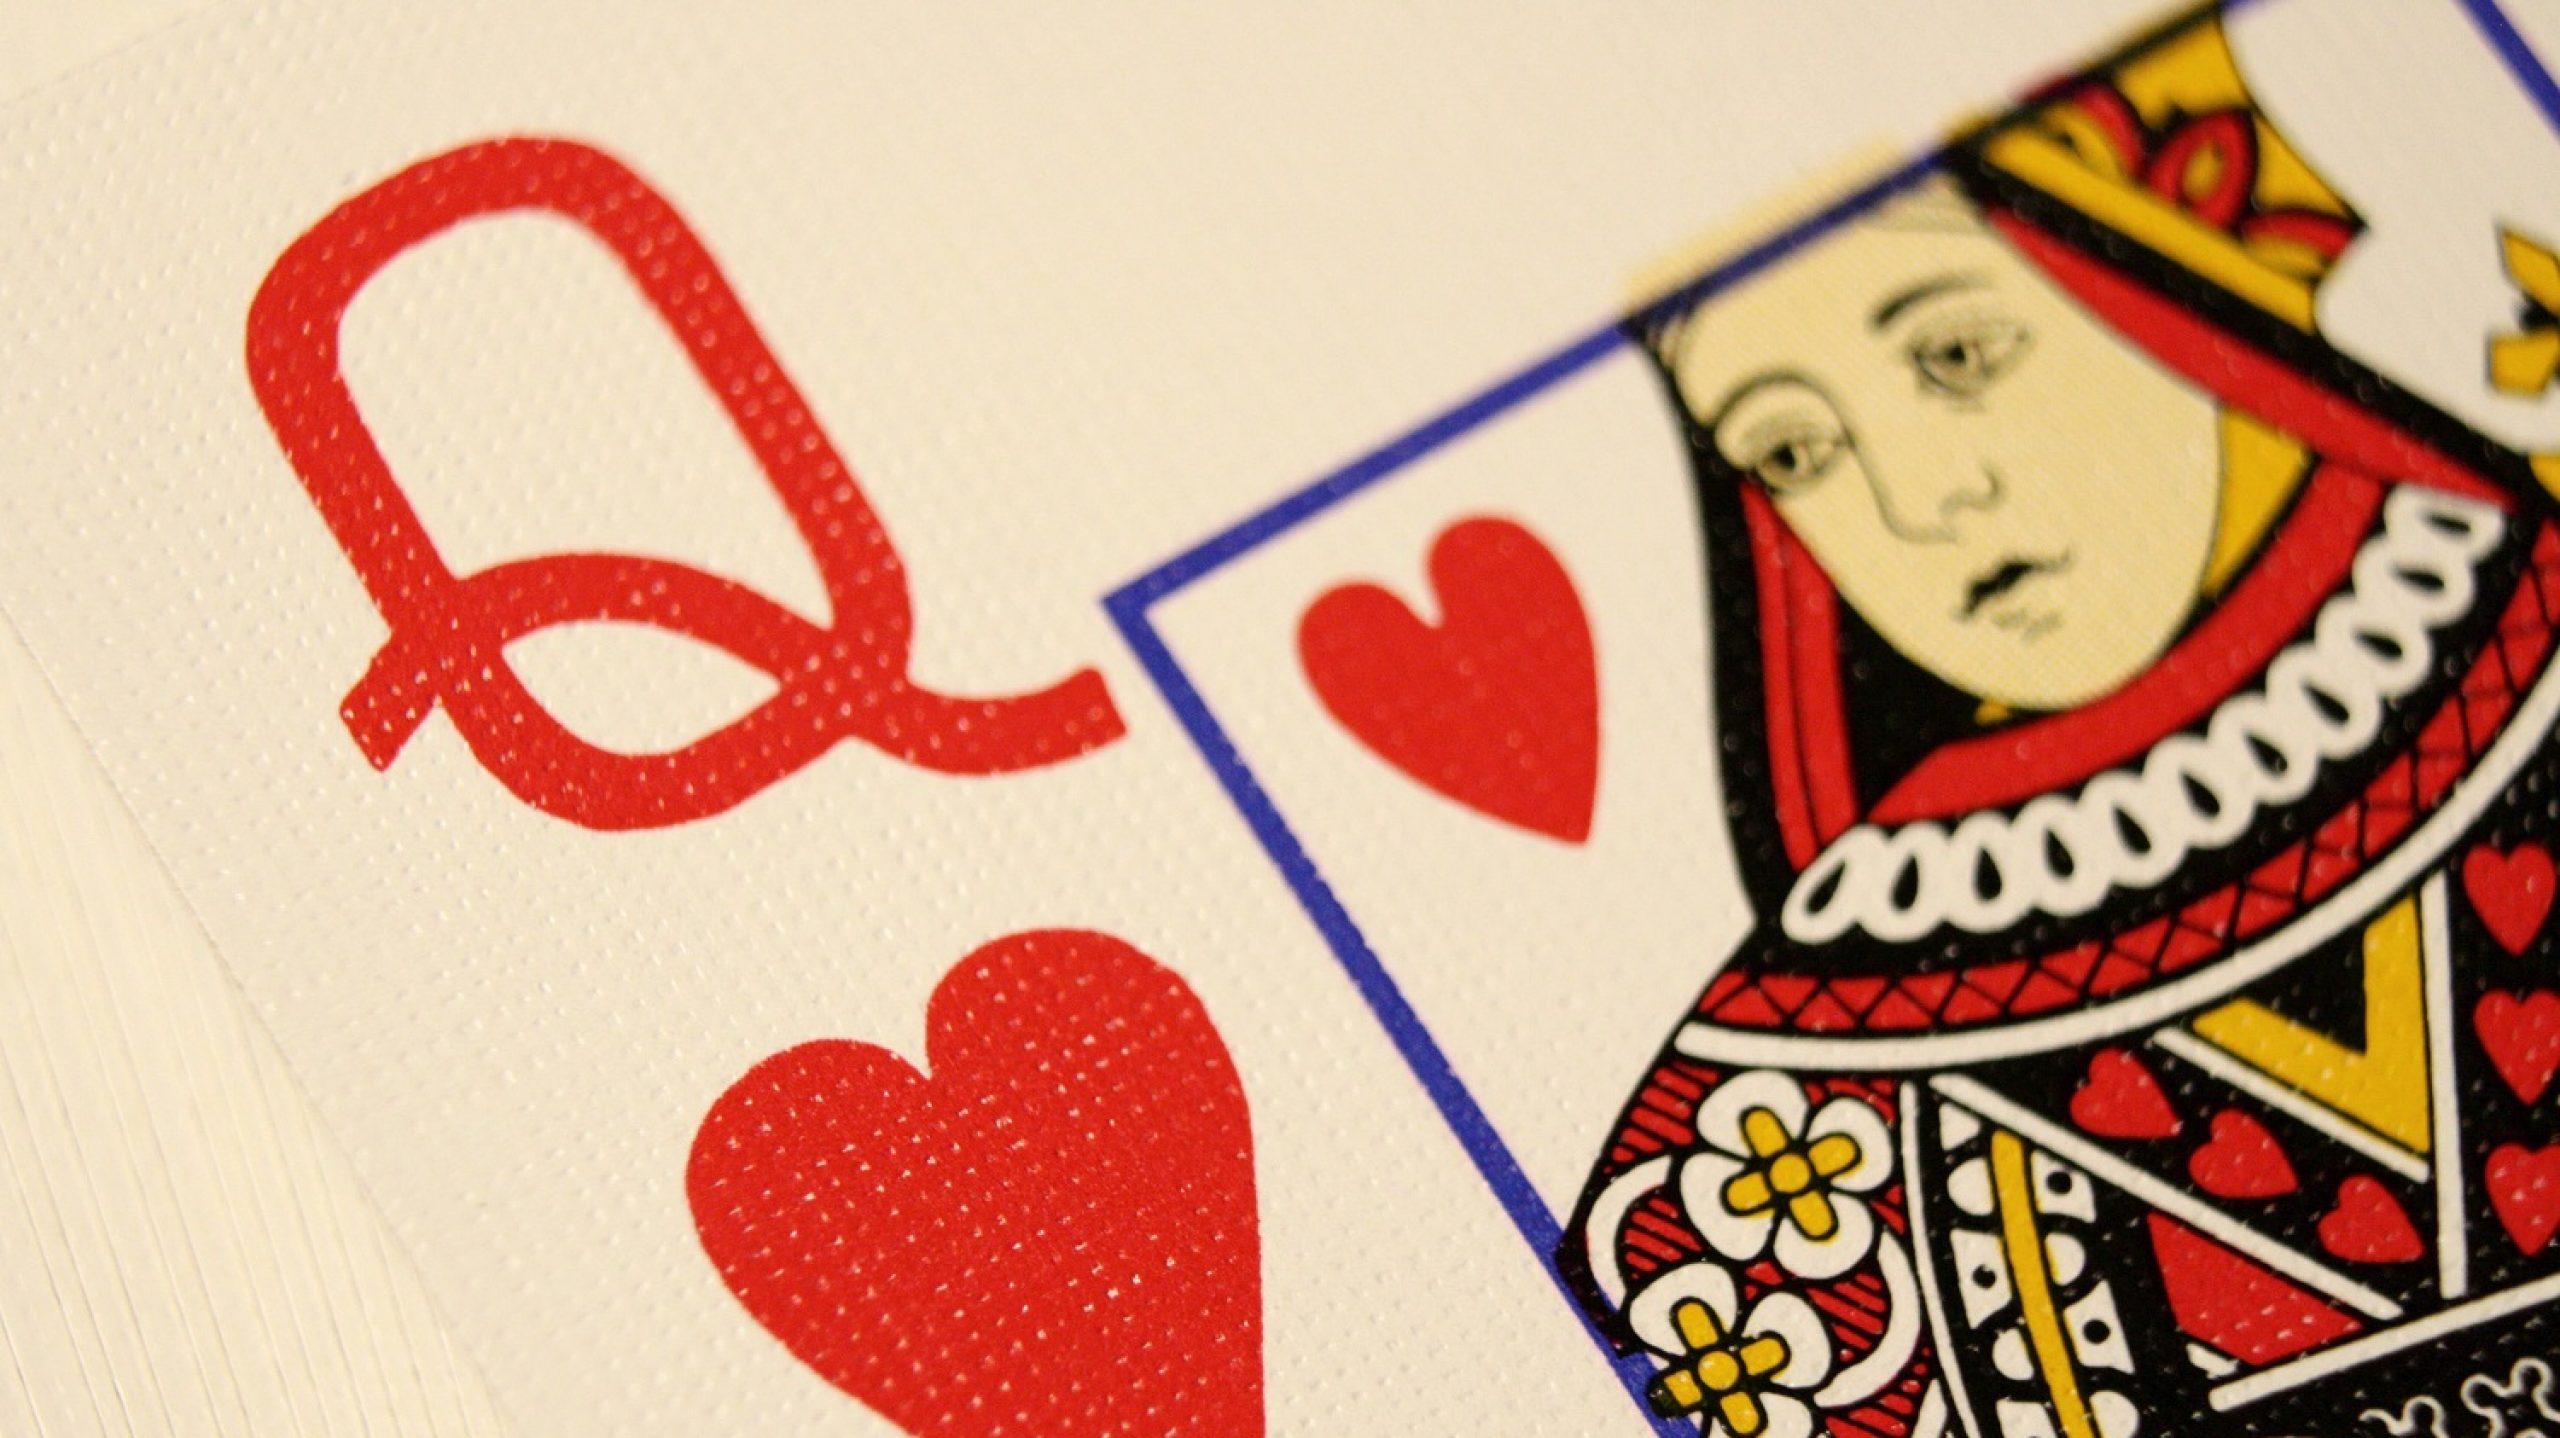 Couple's Gambling